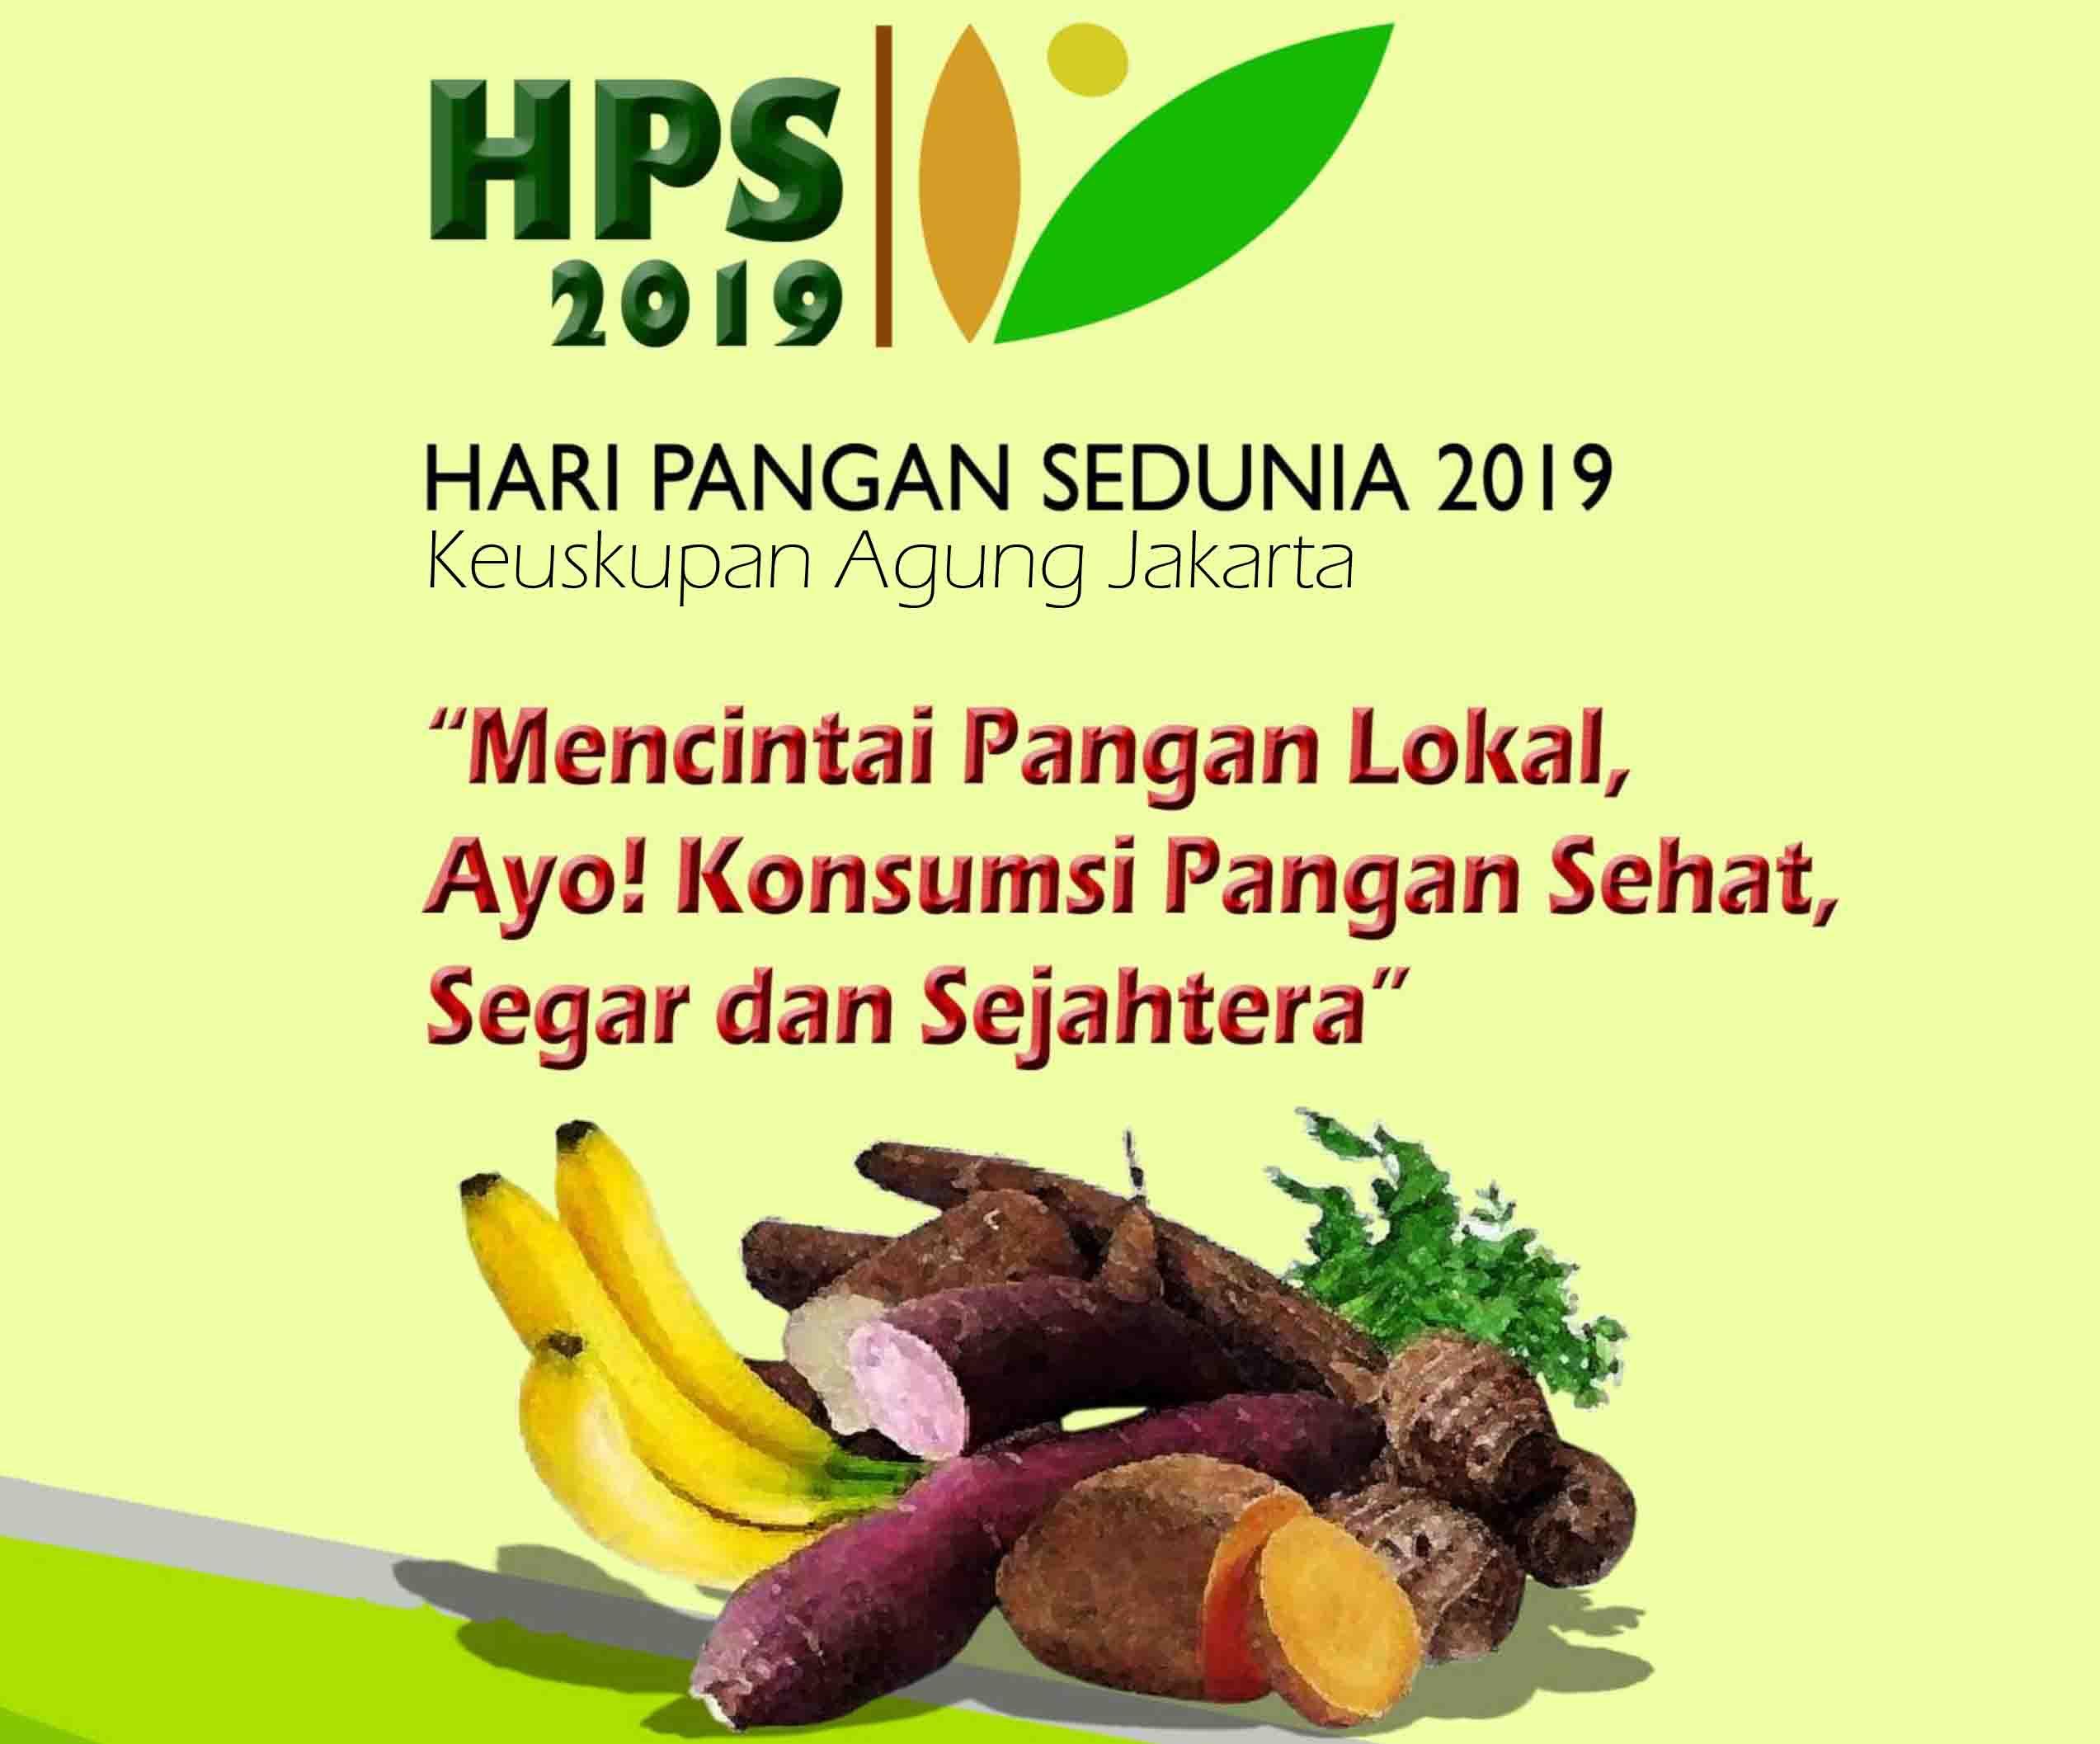 Download Renungan Harian Hps 2019 Dan Spanduk Hps 6 Meter Keuskupan Agung Jakarta